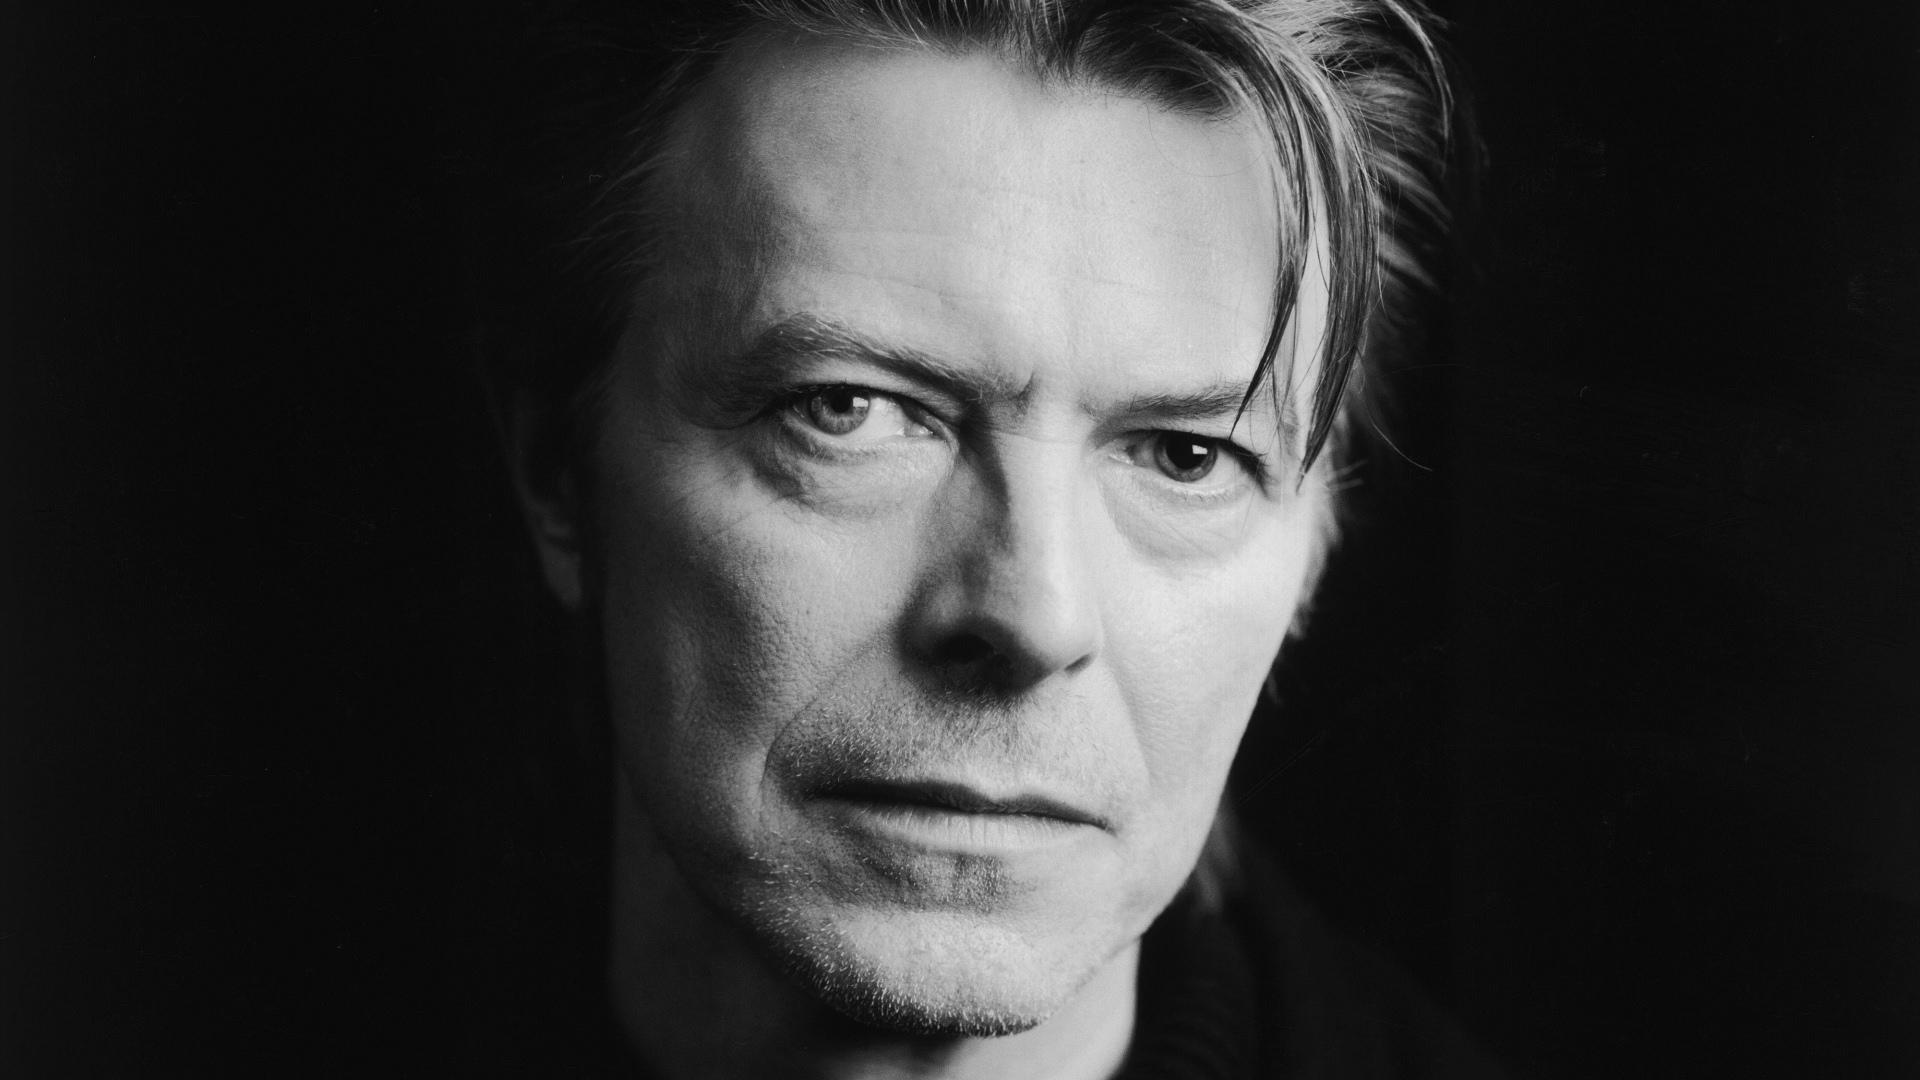 David Bowie Canal Cinemundo Homenageia David Bowie